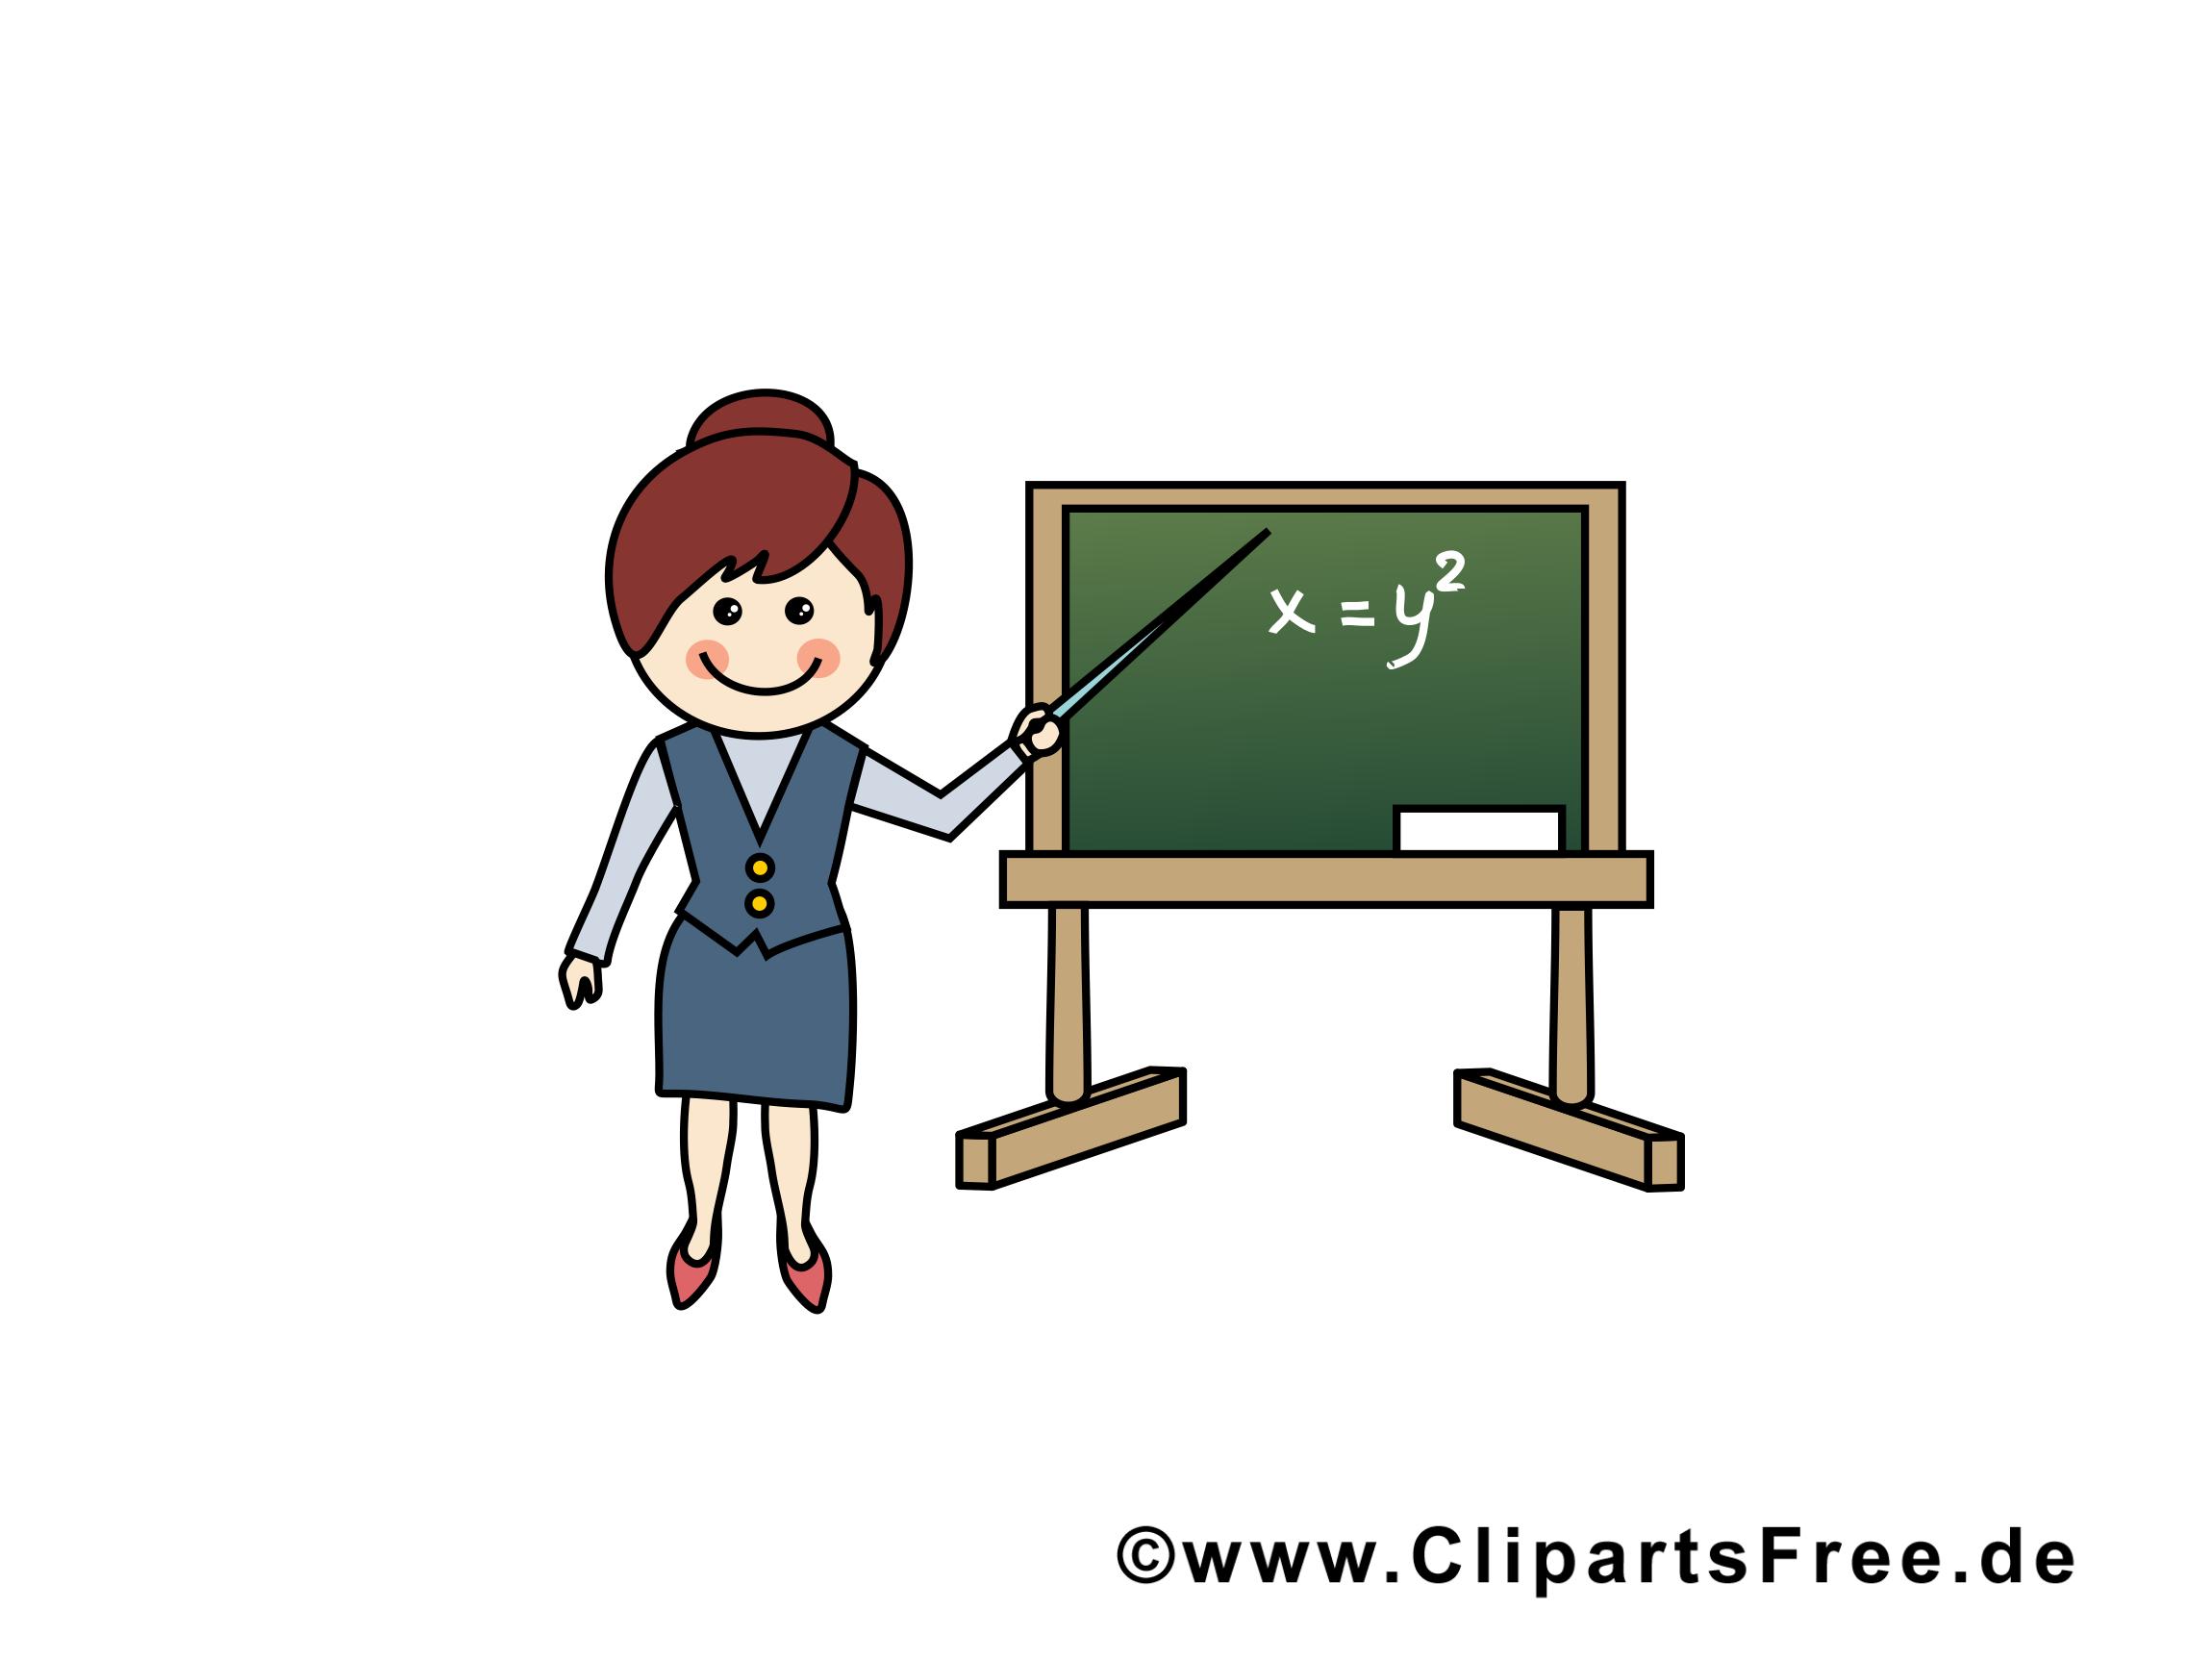 Formule enseignante images gratuites – École clipart